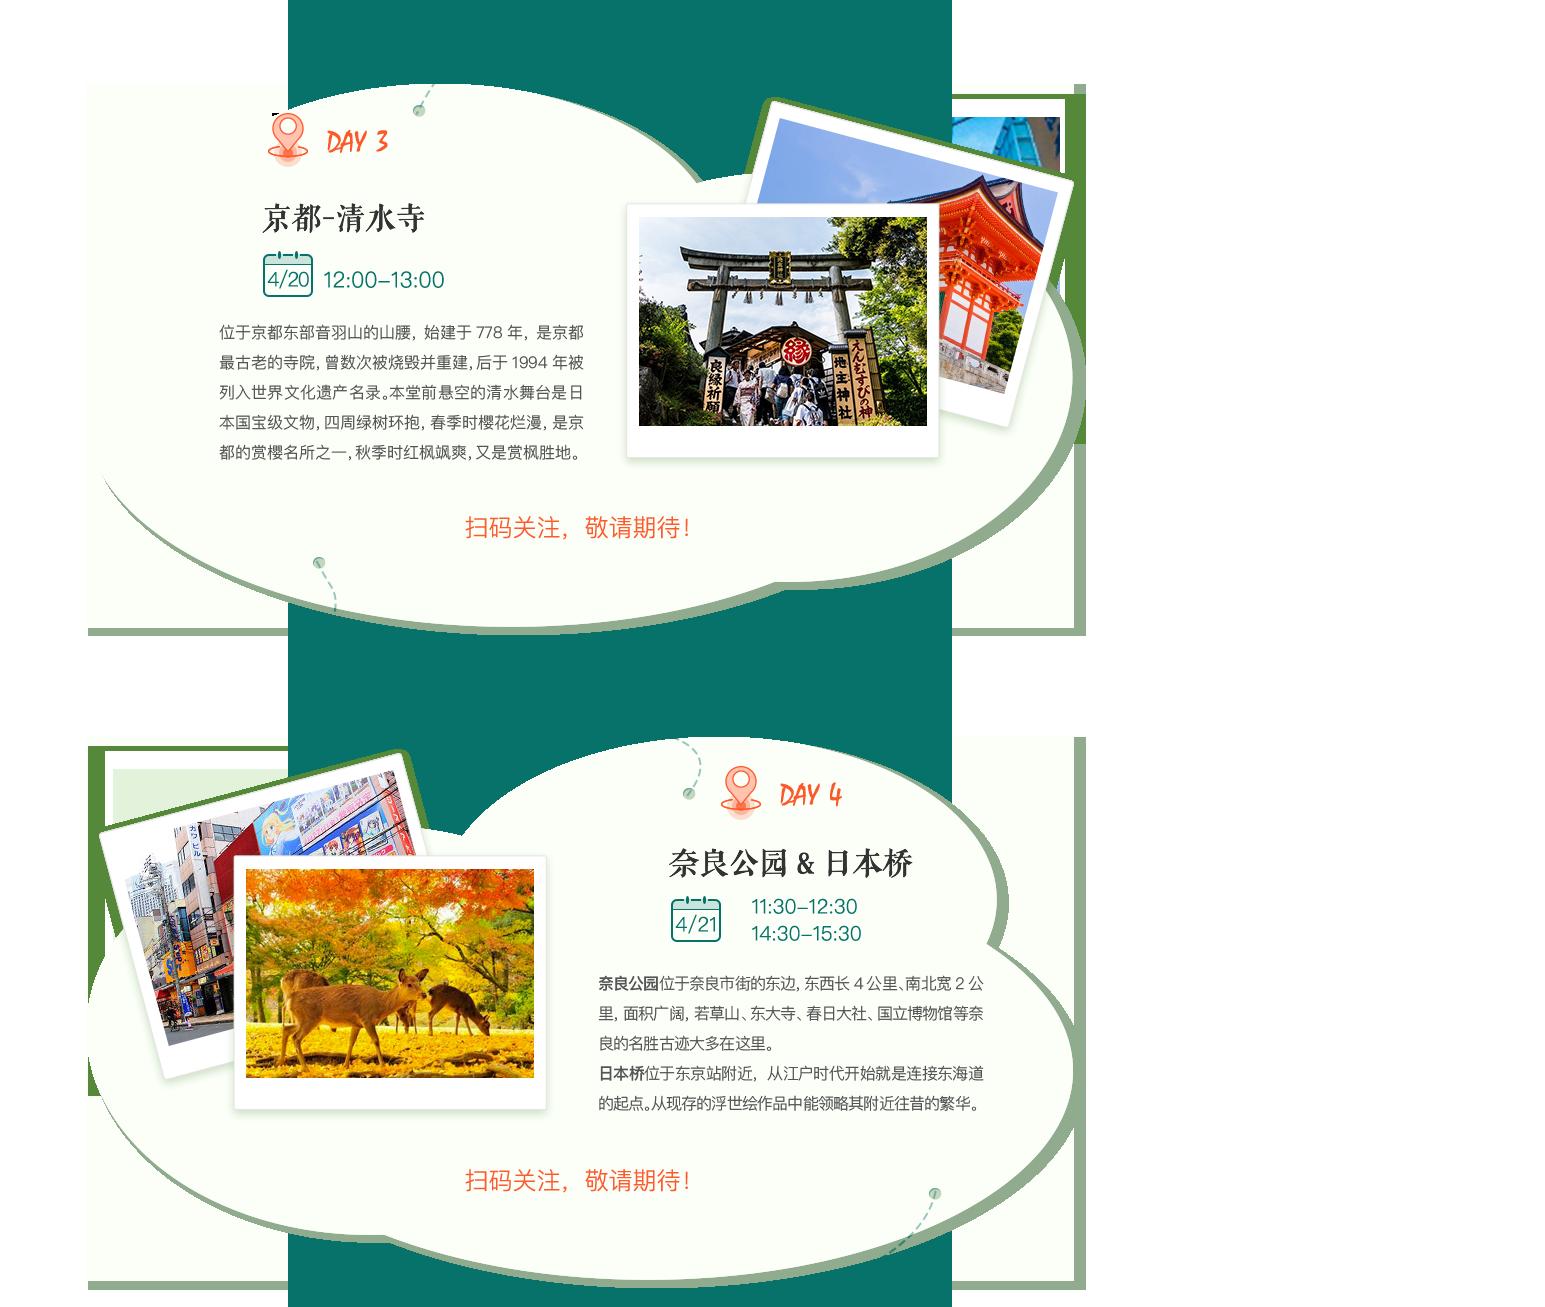 日本行-pc前期宣传内容_03.png